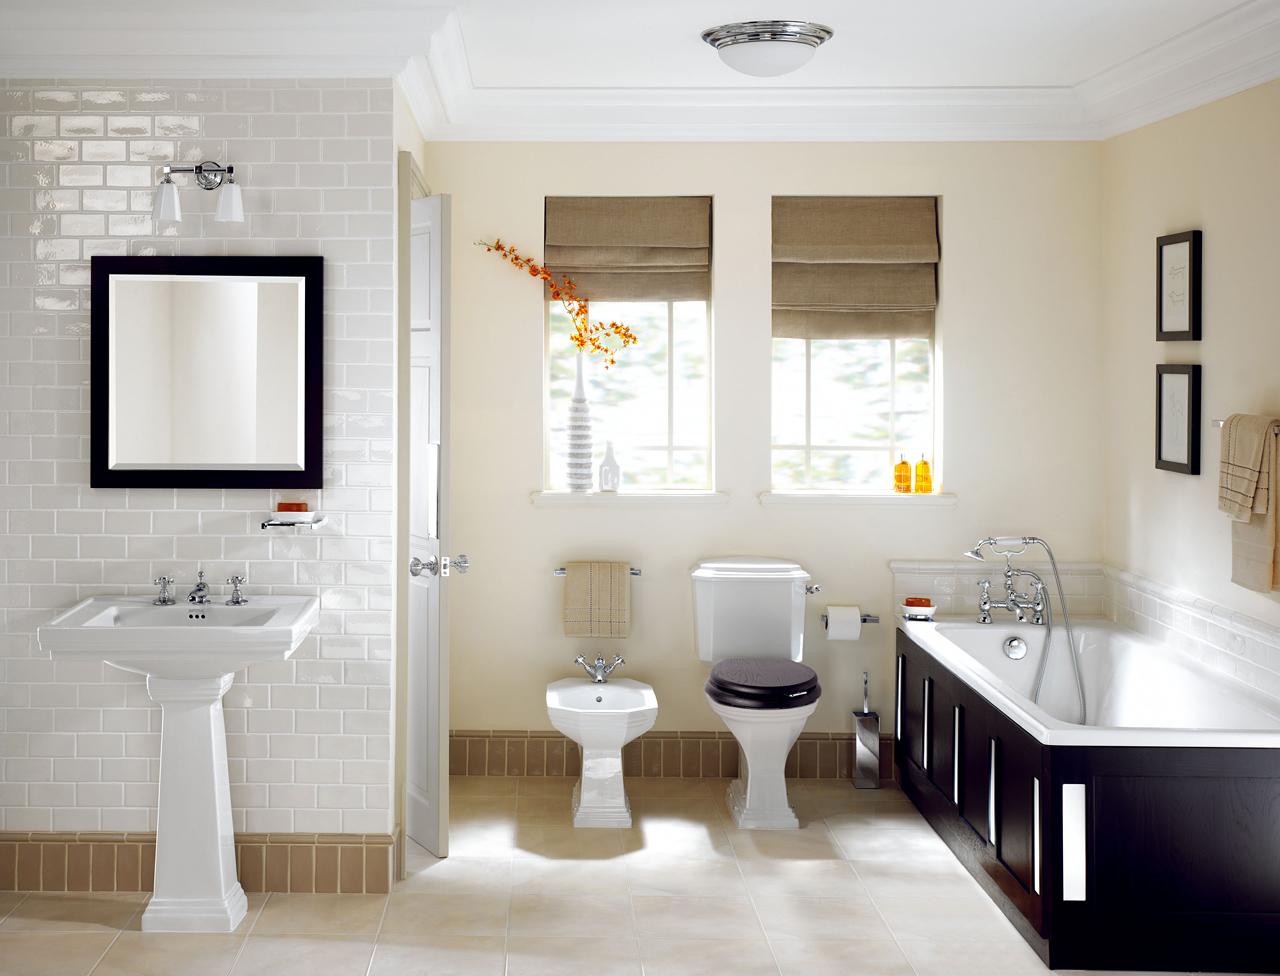 Classic Bathrooms: Imperial Bathrooms - Astoria-Deco-Main_retouch